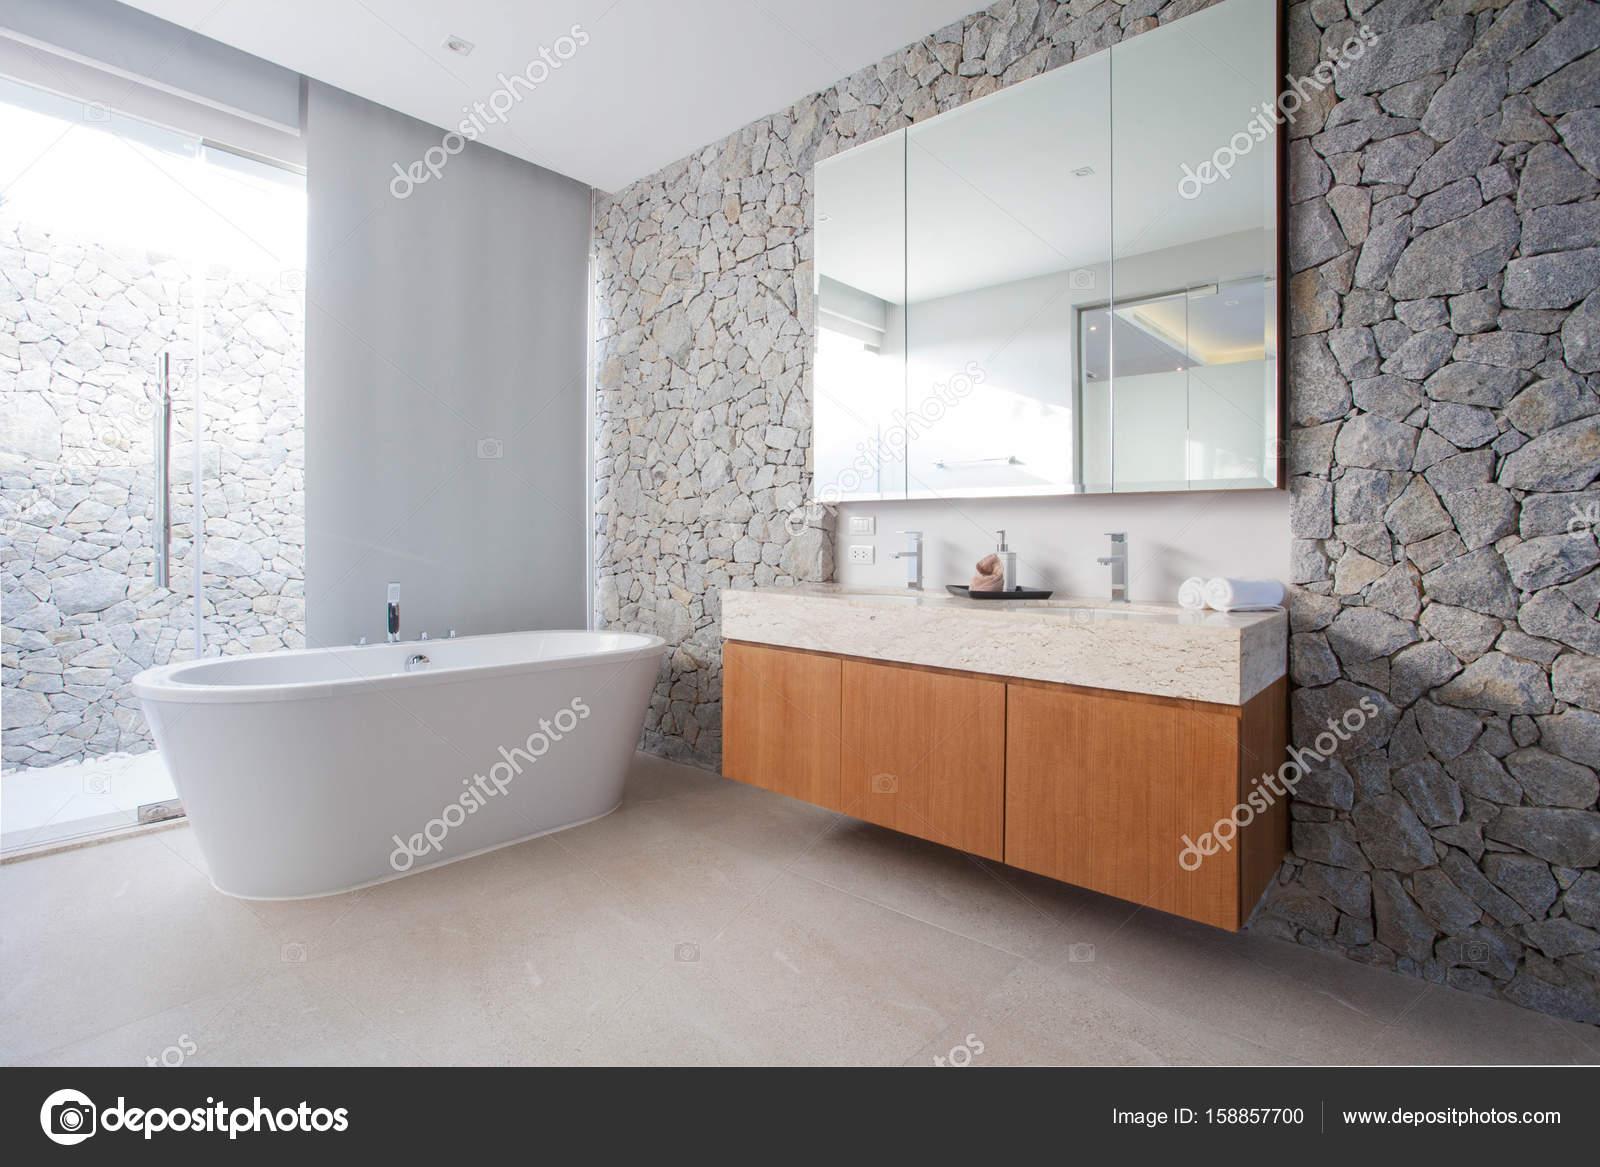 Vasca Da Bagno Kuvet : Vasca da bagno e bacino di caratteristiche del bagno di lusso